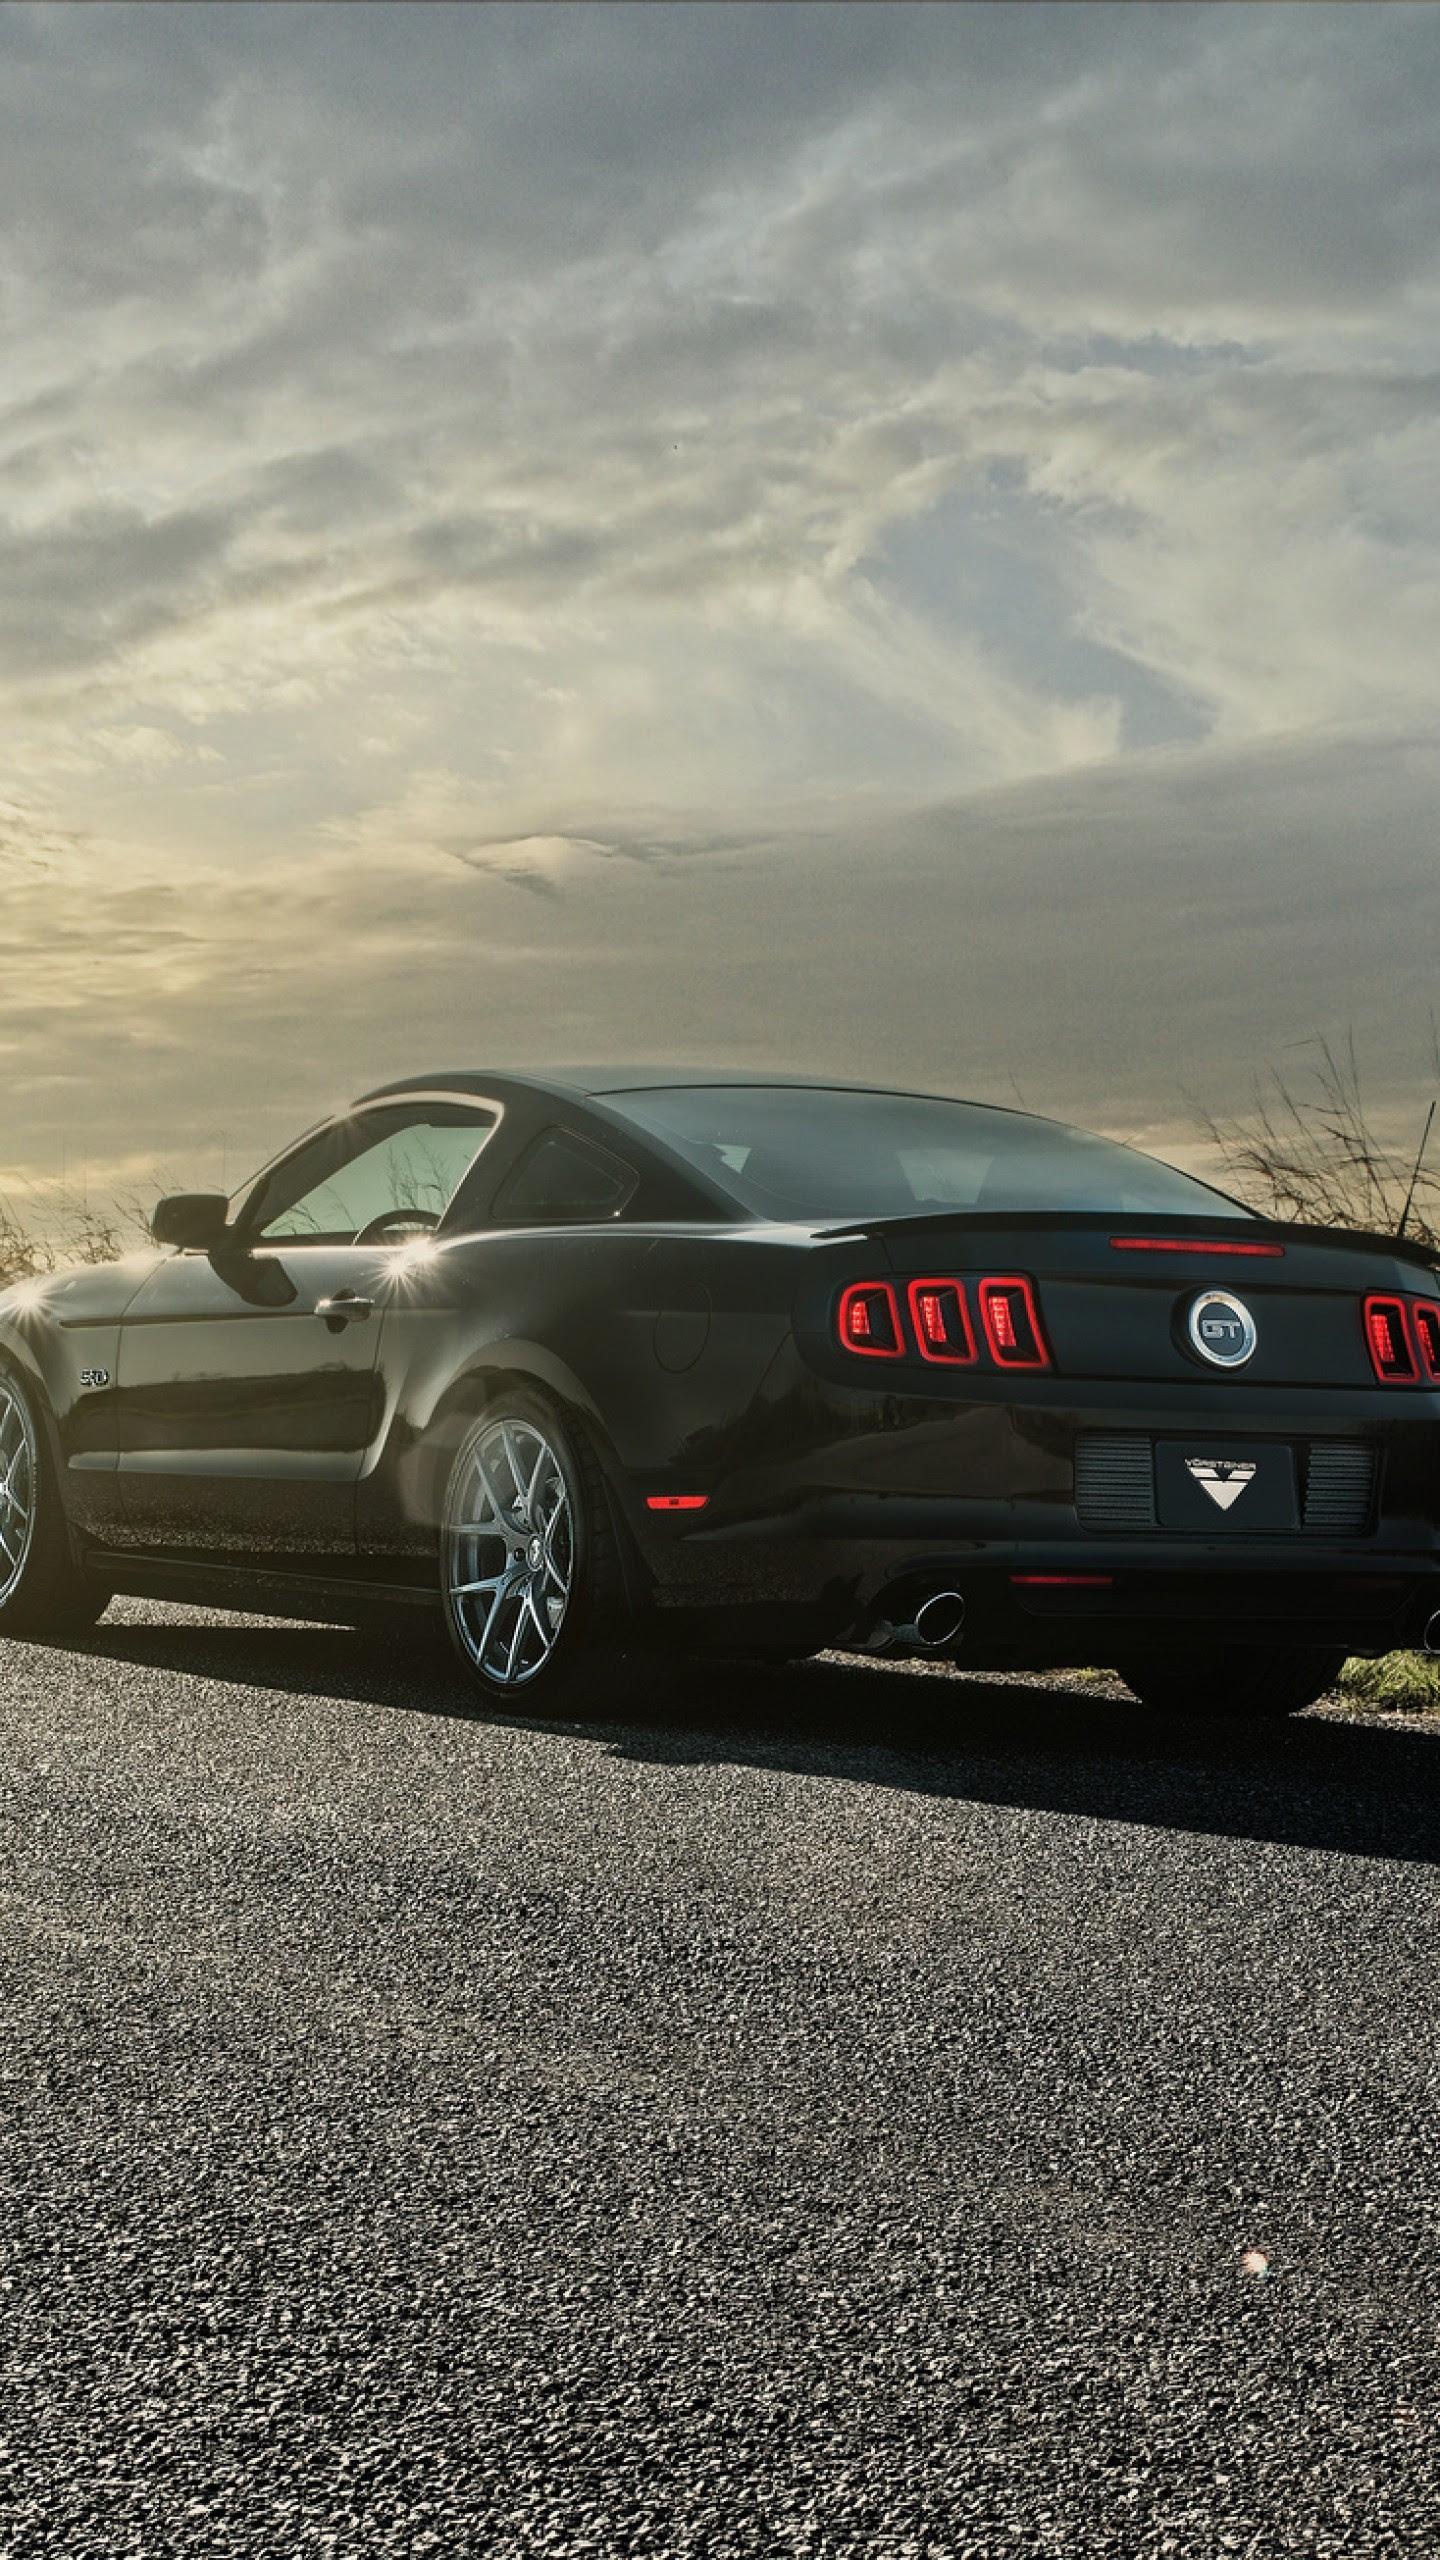 Full Hd Mustang Iphone Wallpaper